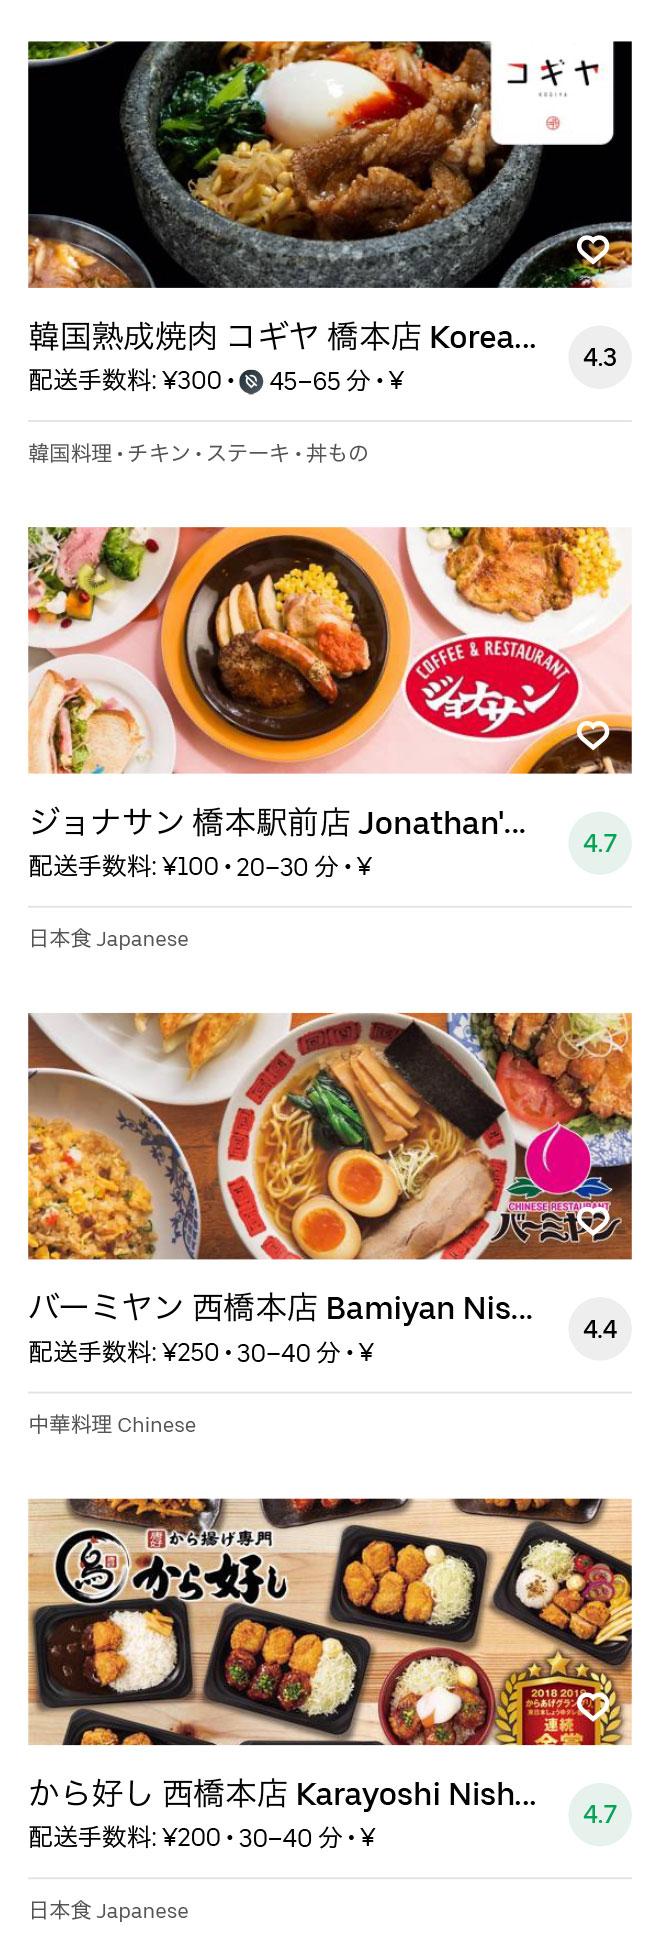 Hashimoto menu 2008 07